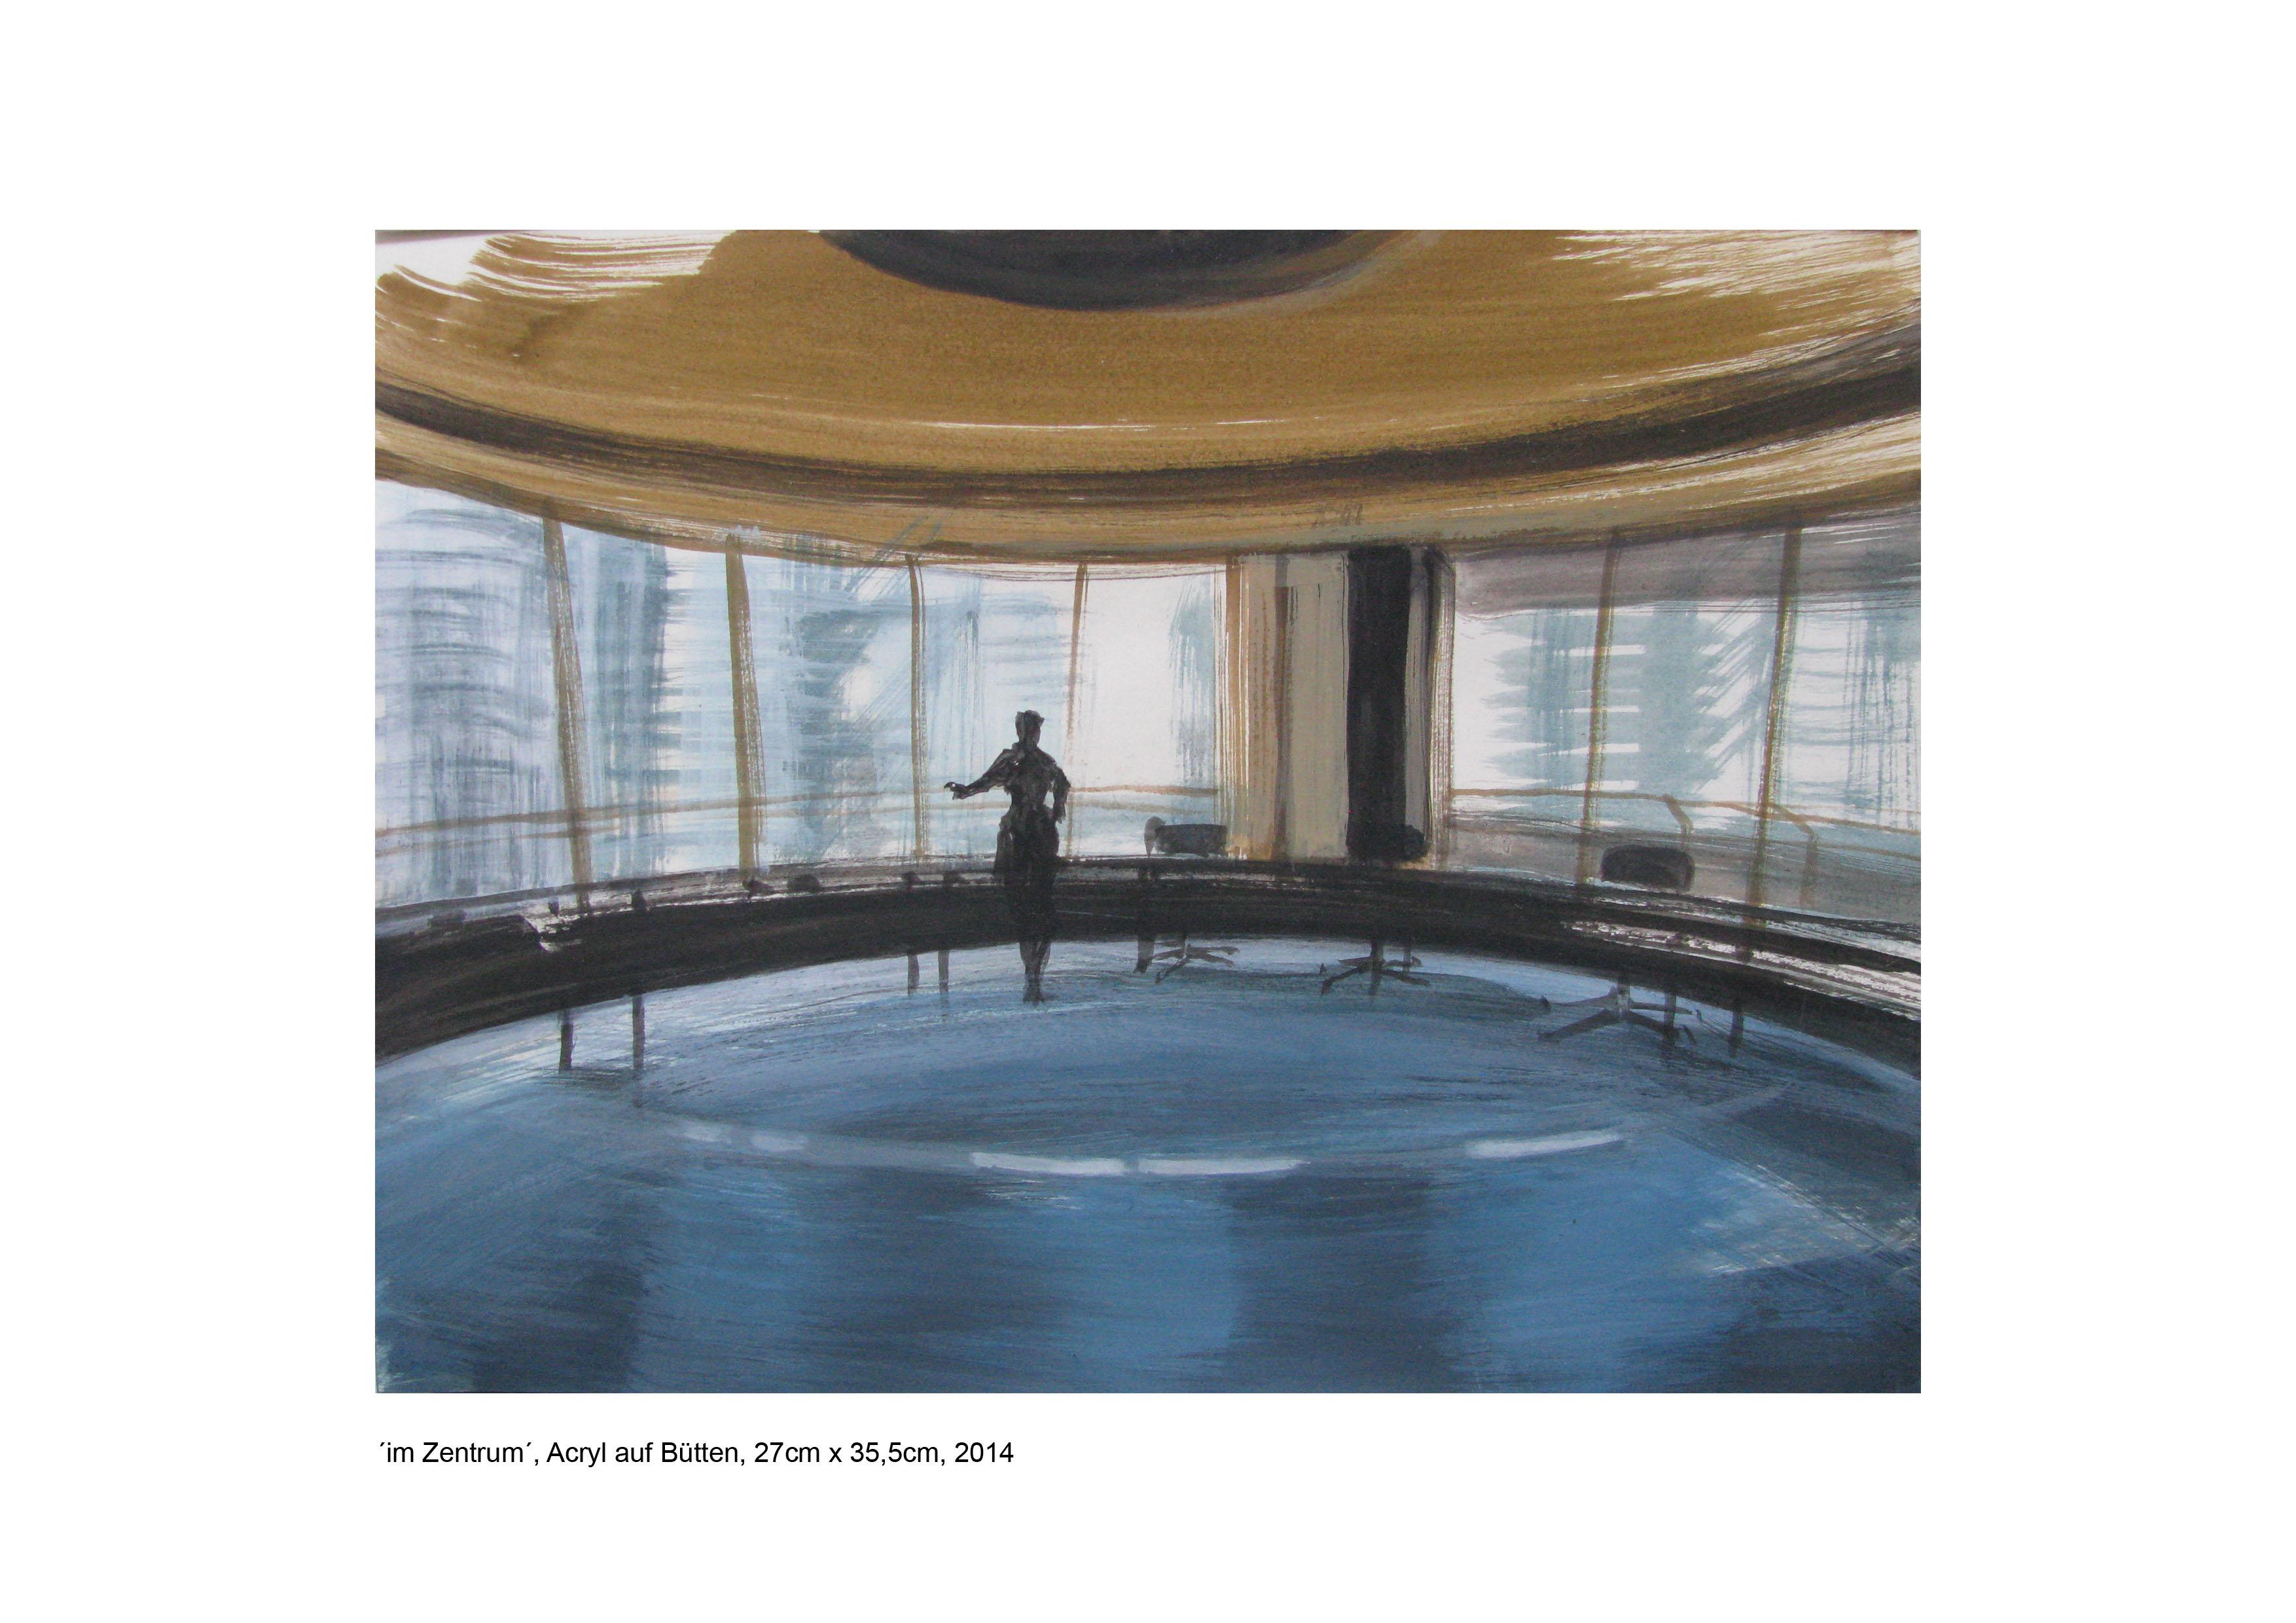 ´im Zentrum´, Acryl auf Papier, 27cm x 35,5cm, 2014